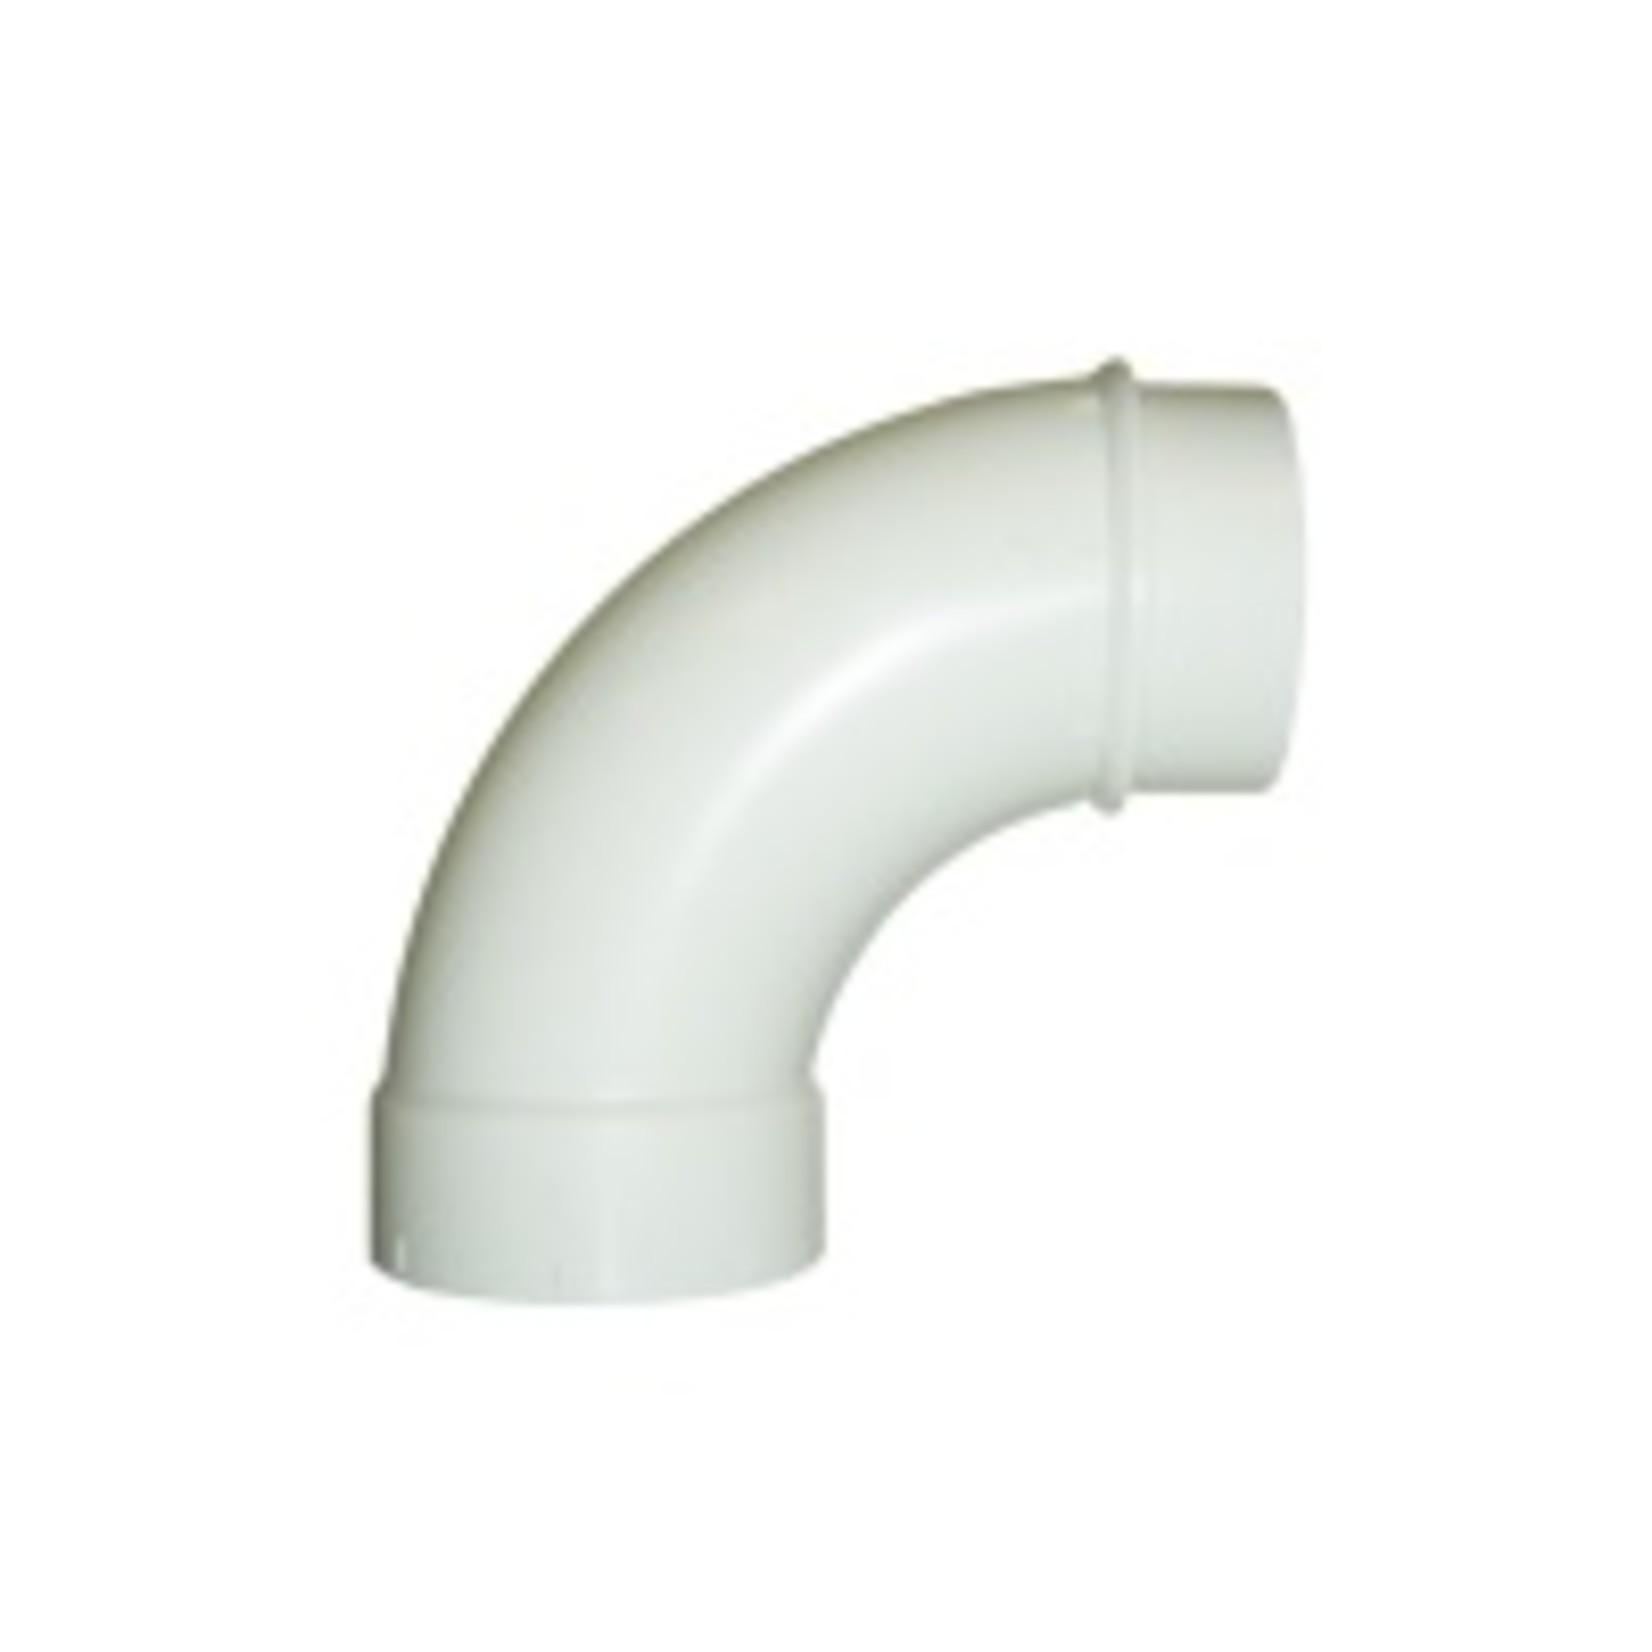 Plastiflex CVS M/F Sweep 90 Fitting - Single